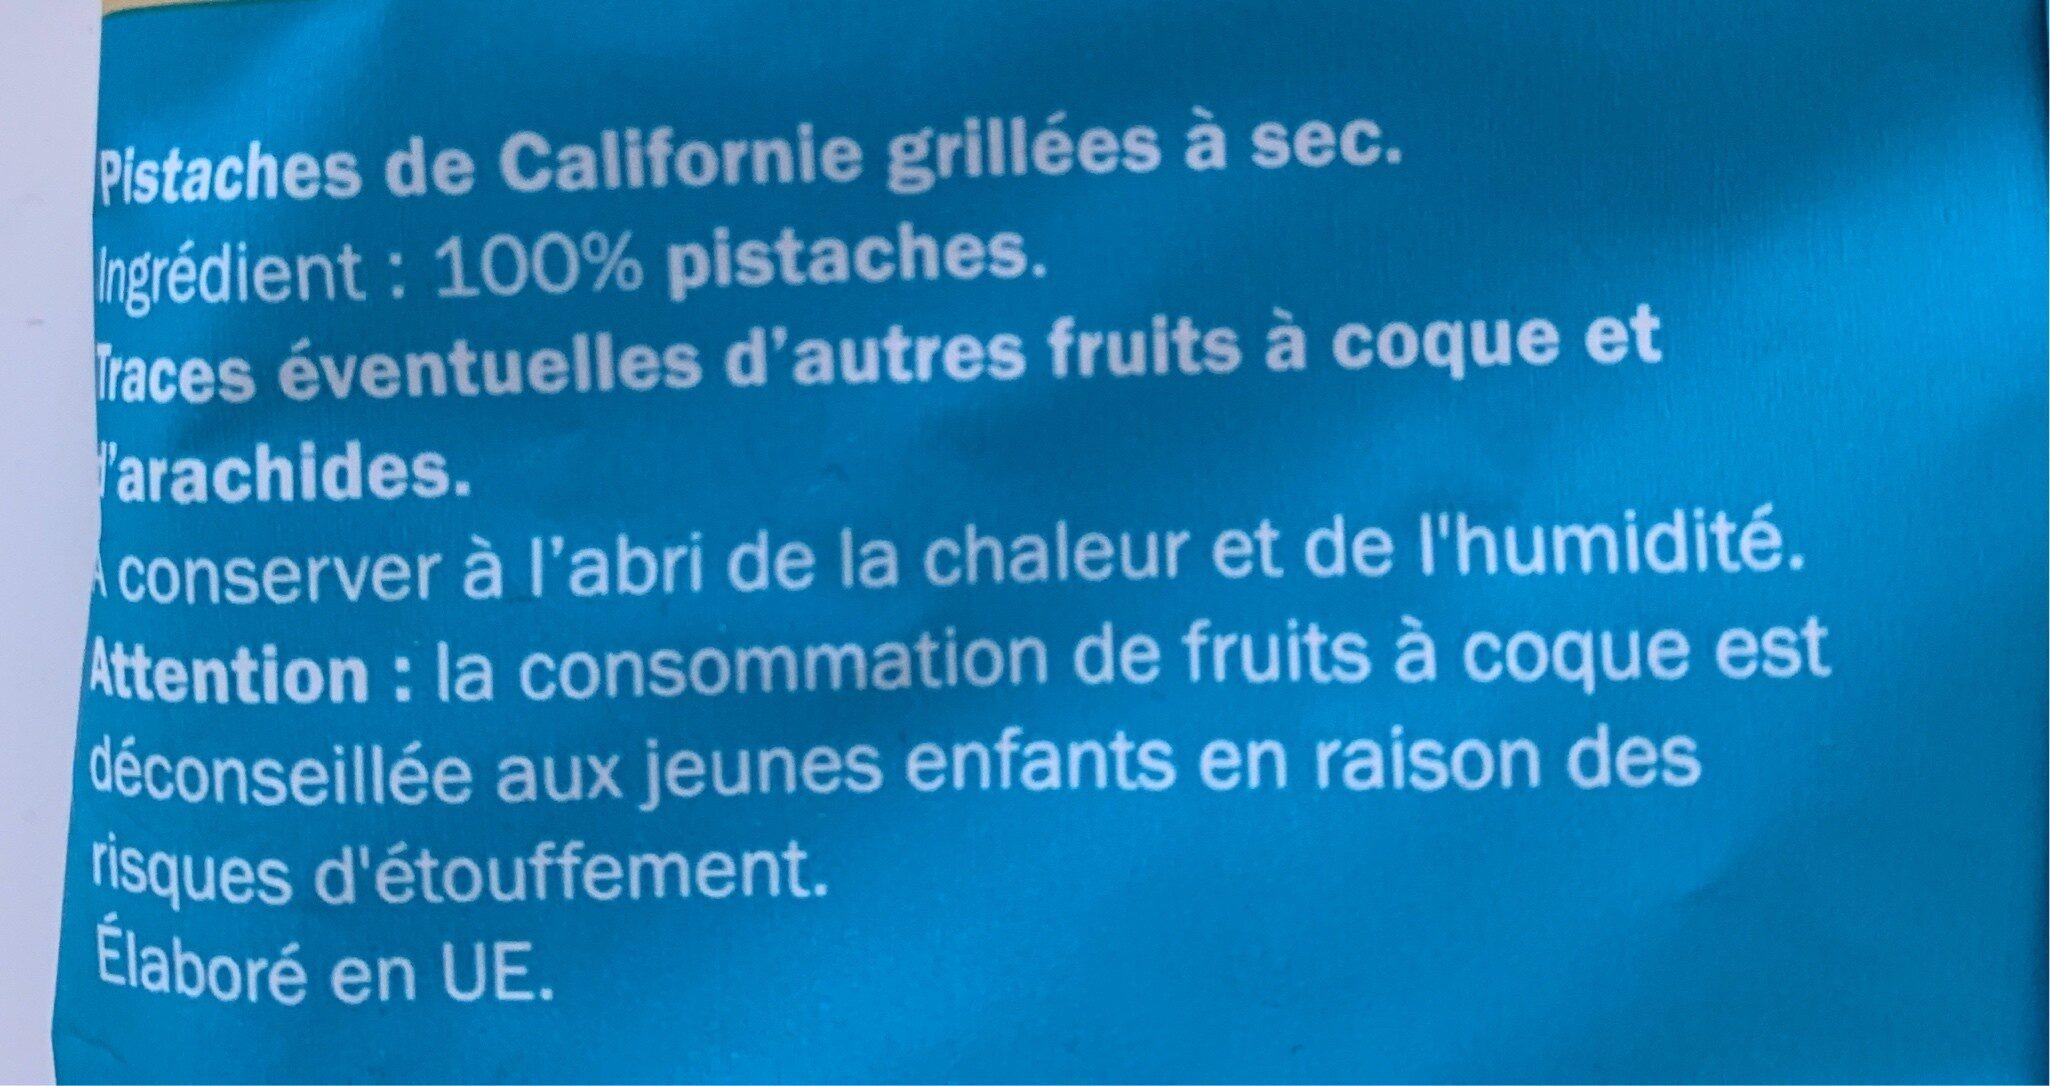 Pistaches de Californie non salées - Ingrédients - fr